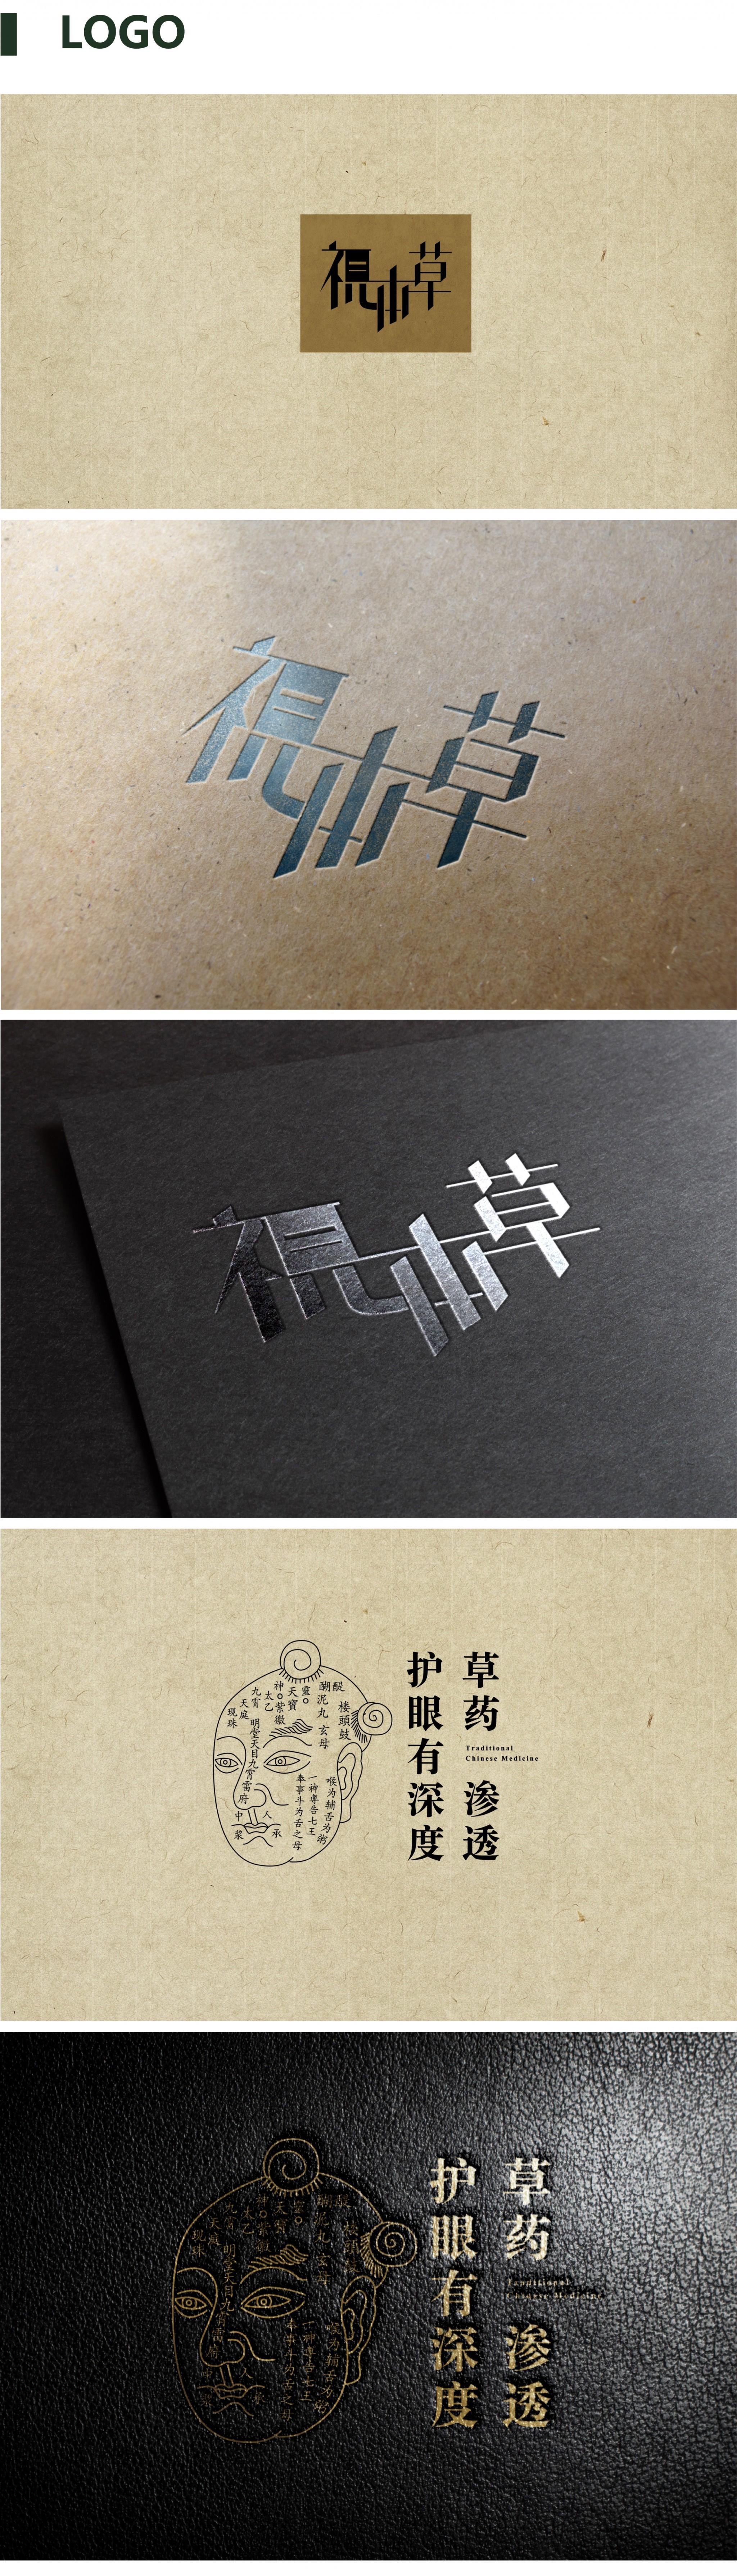 视本草网页-03